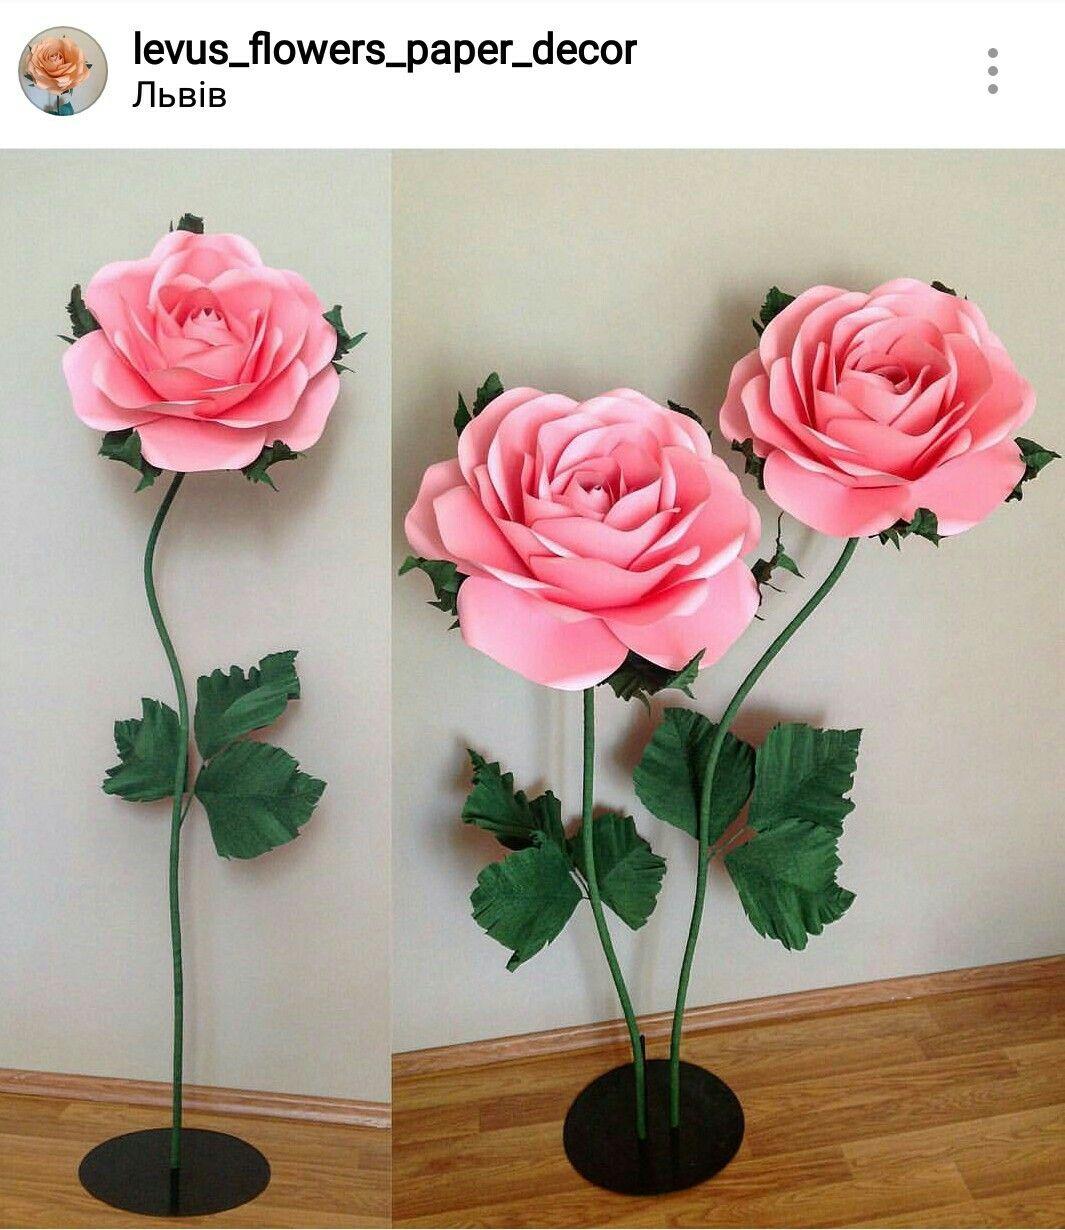 Paper flowers | Flores de papel artesanal, Decoração flores de papel, Flores  de papel penduradas